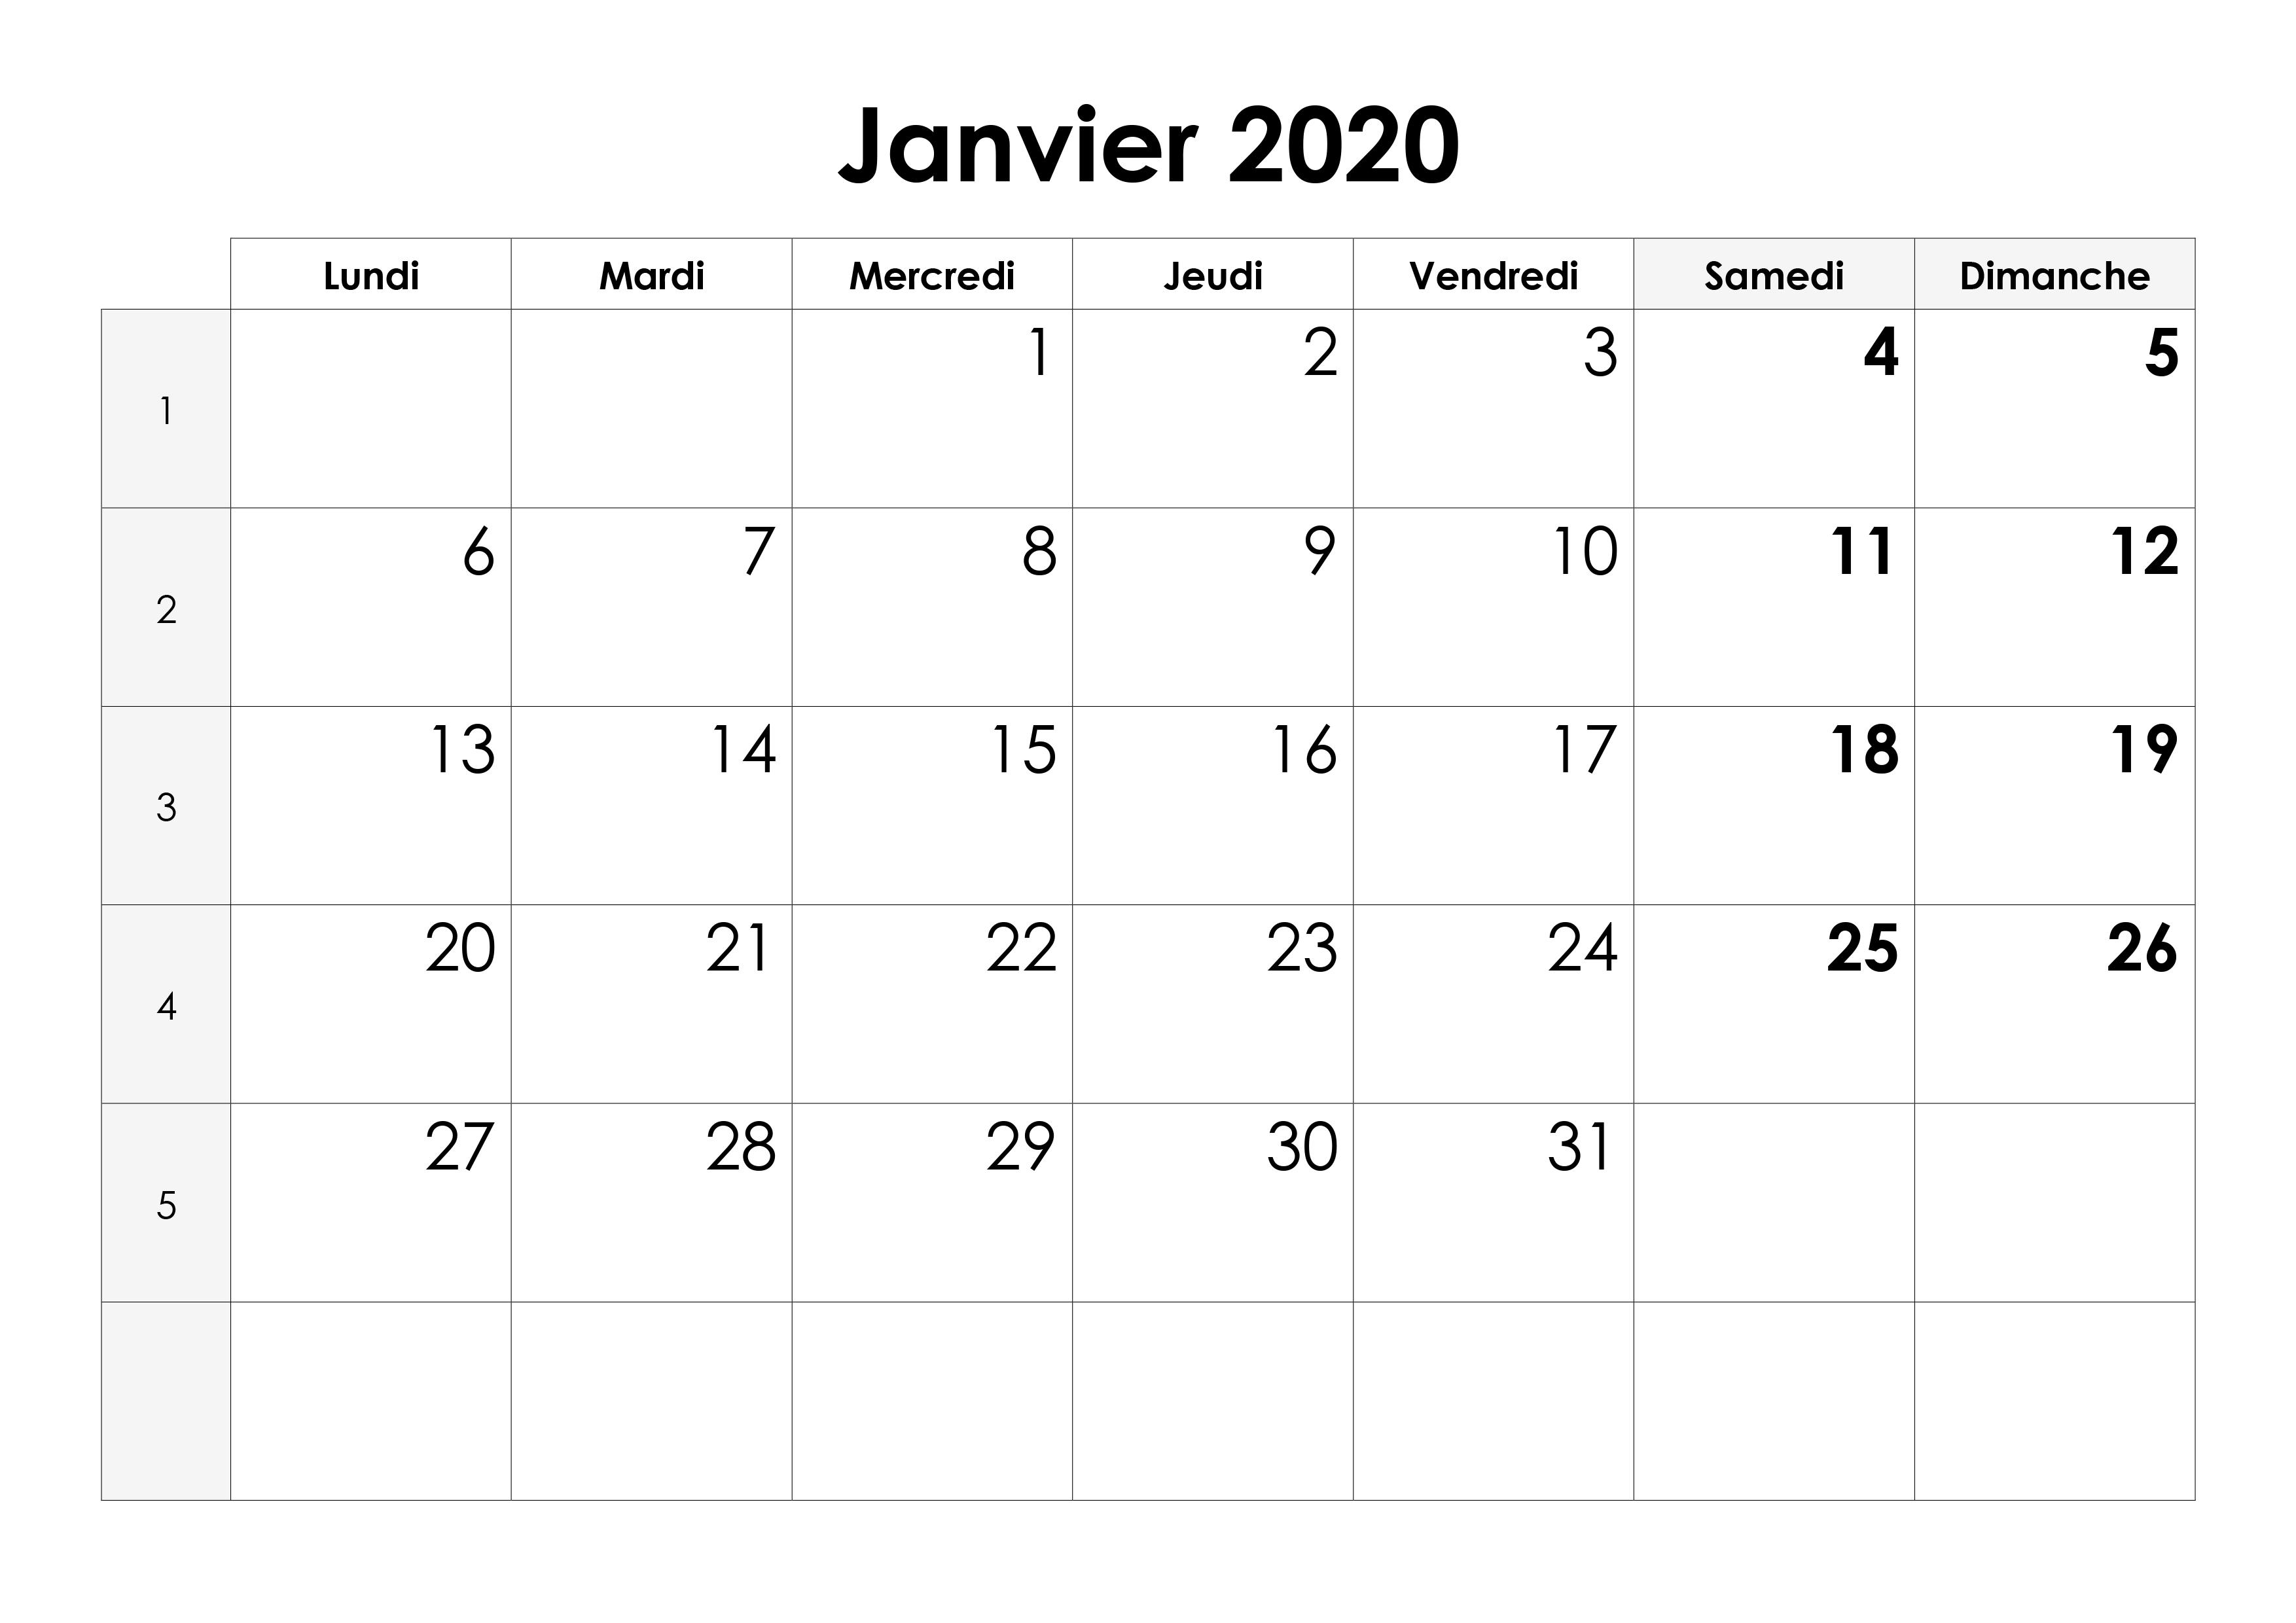 Calendrier Janvier 2020 Excel